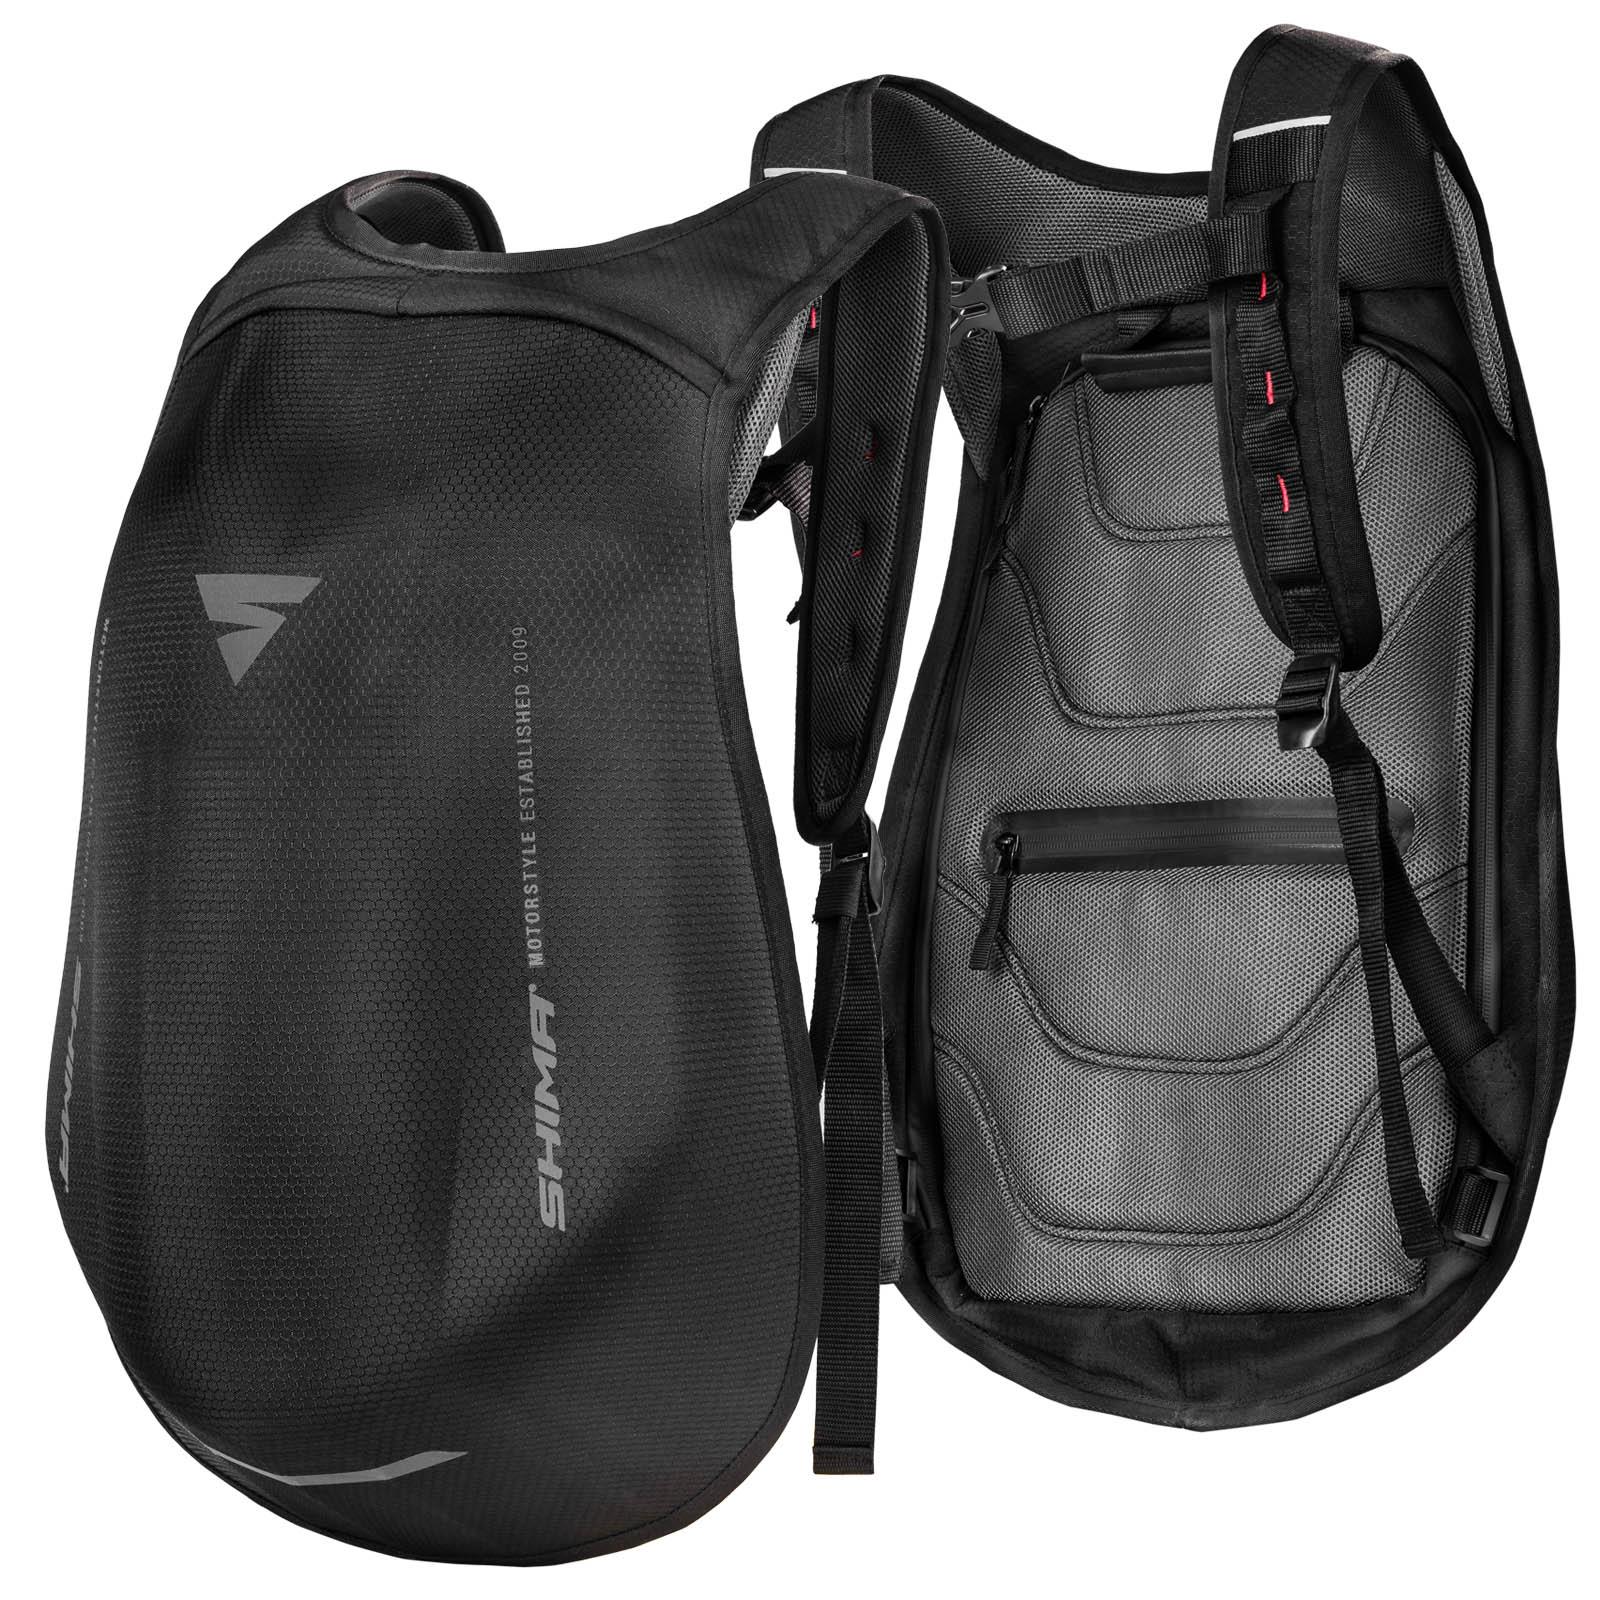 Рюкзак мотоциклетный Ayro Backpack вид спереди и сзади купить по низкой цене